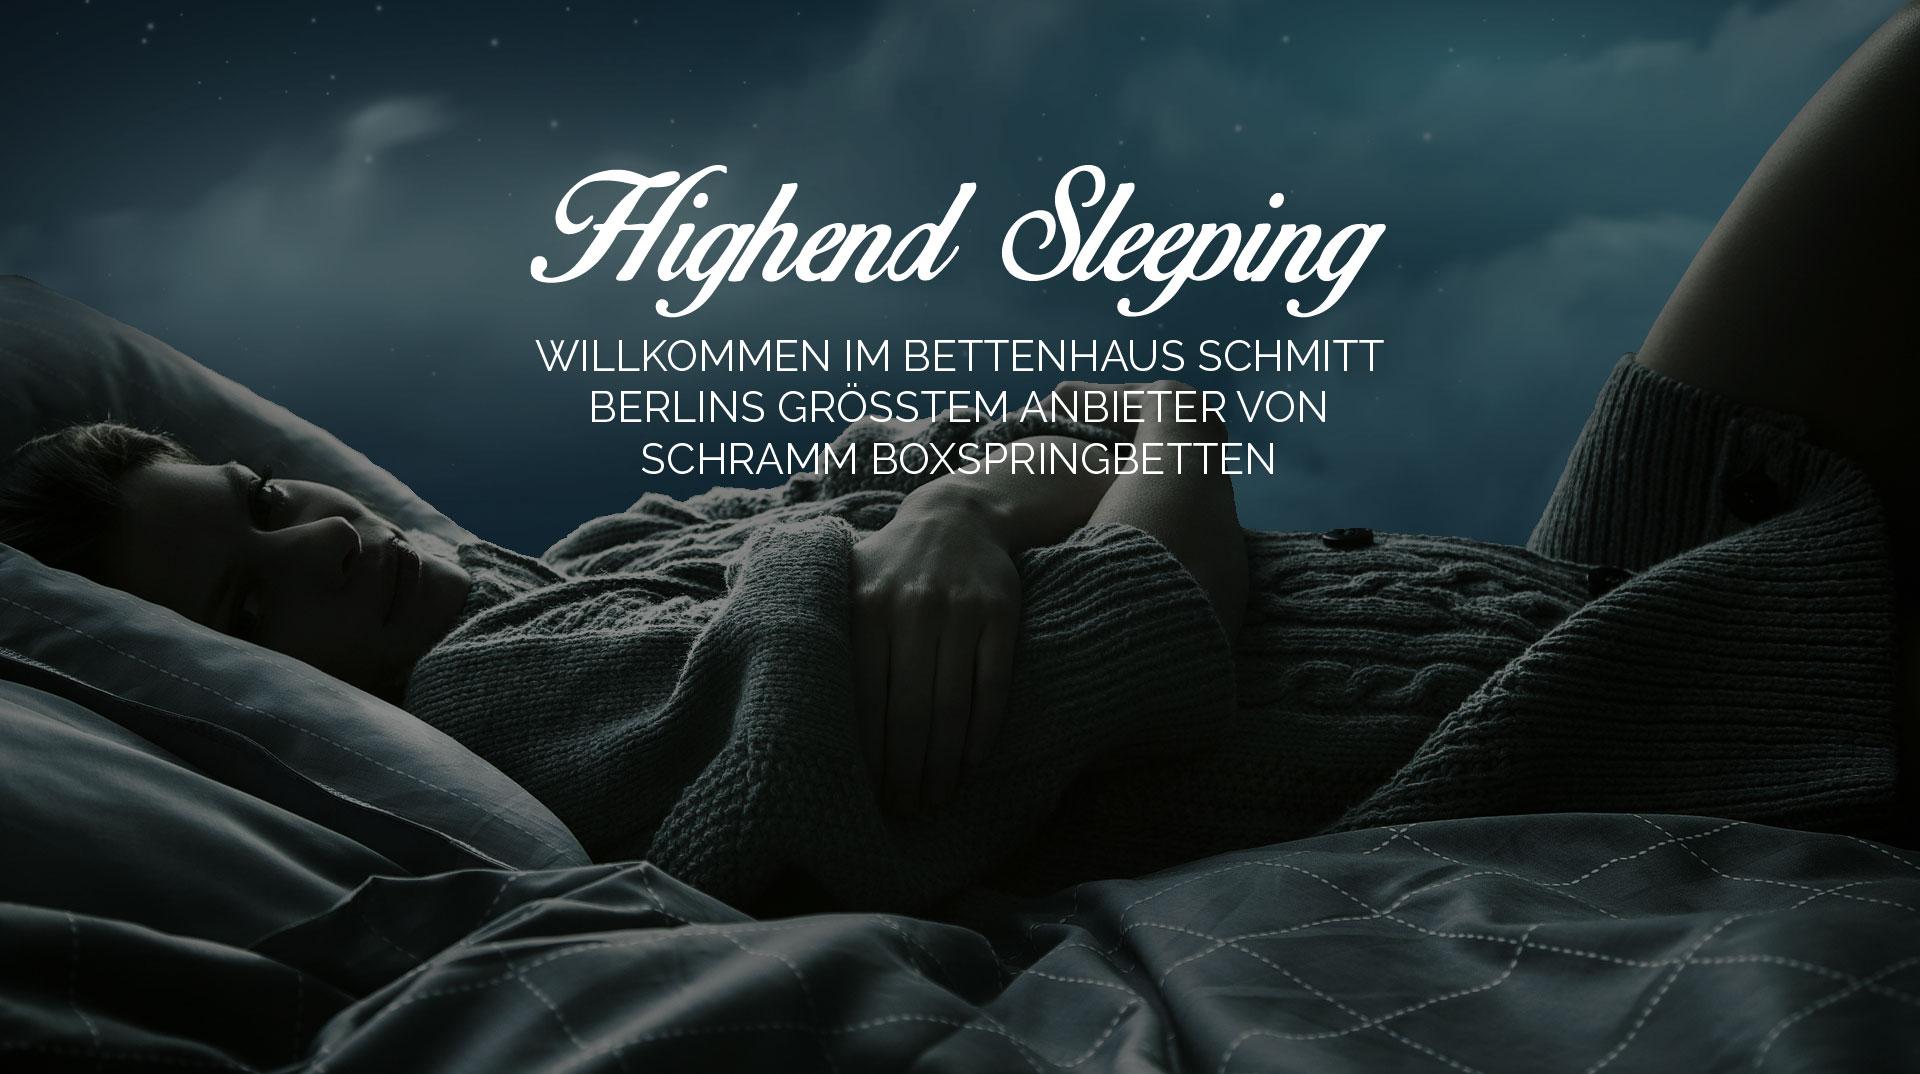 schramm boxspringbetten in berlin boxspringbetten und. Black Bedroom Furniture Sets. Home Design Ideas